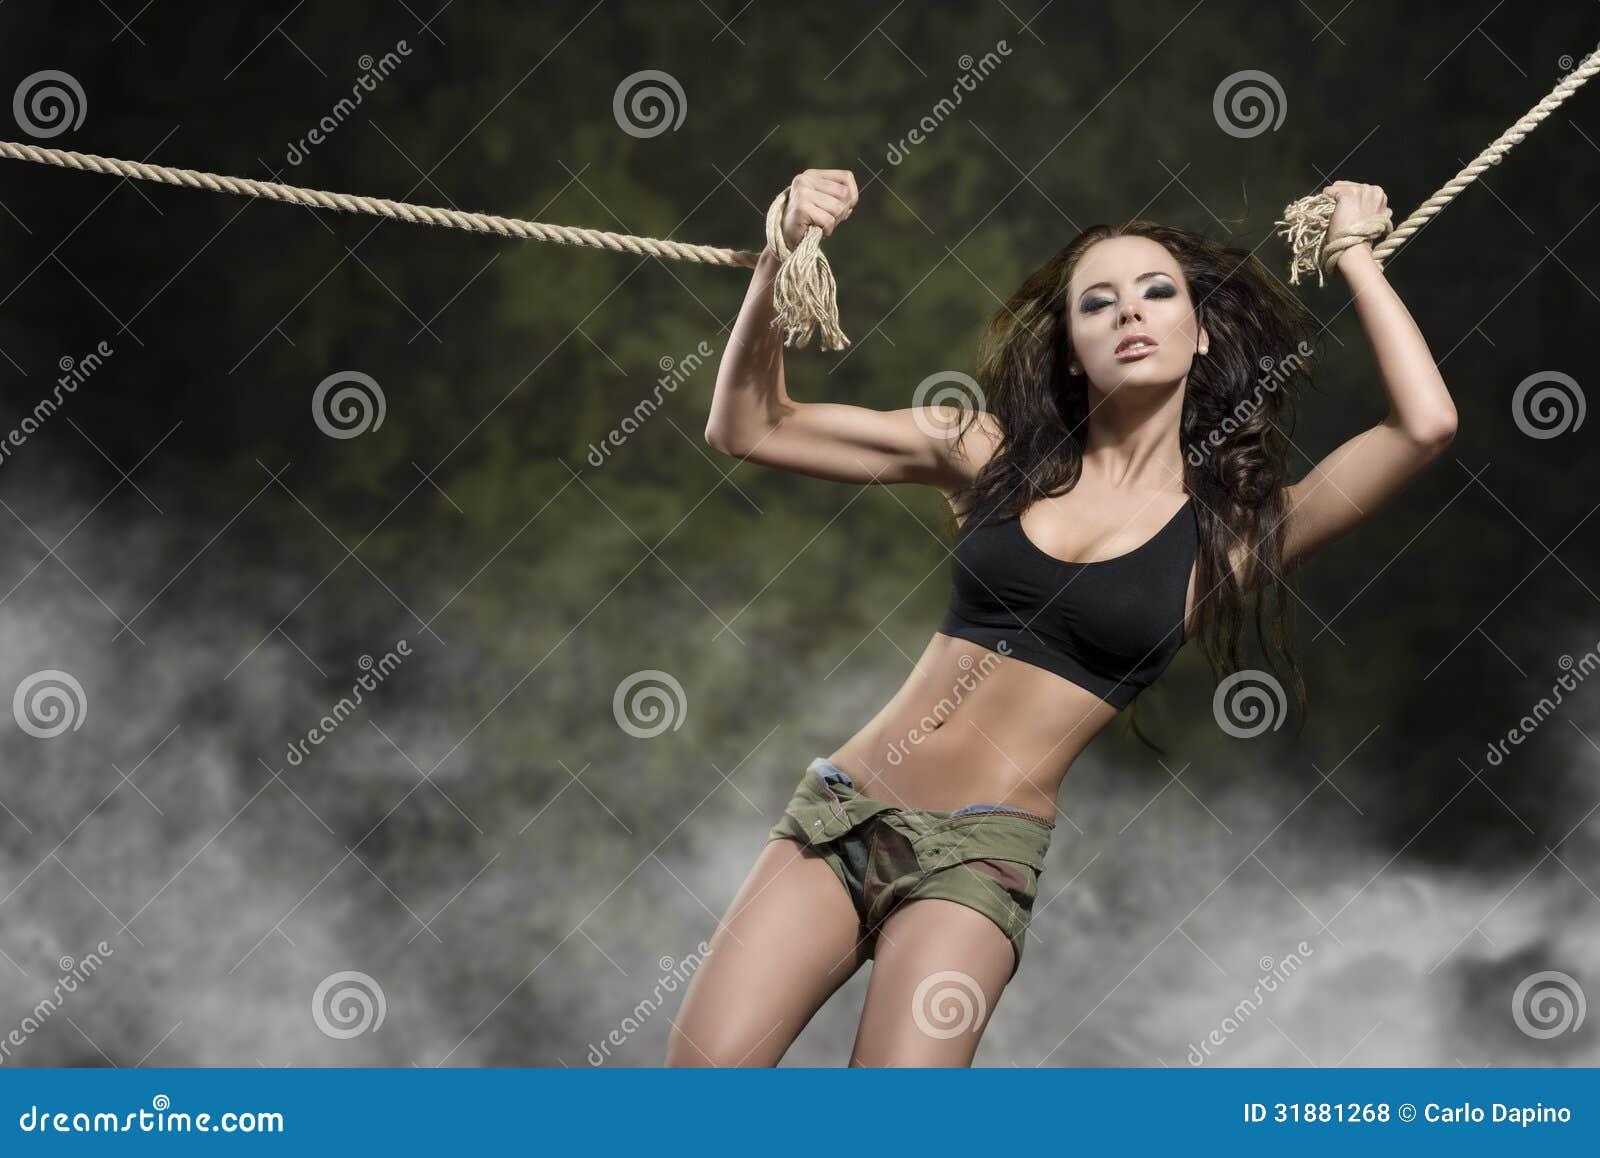 Фото девушек на веревке голых думаю